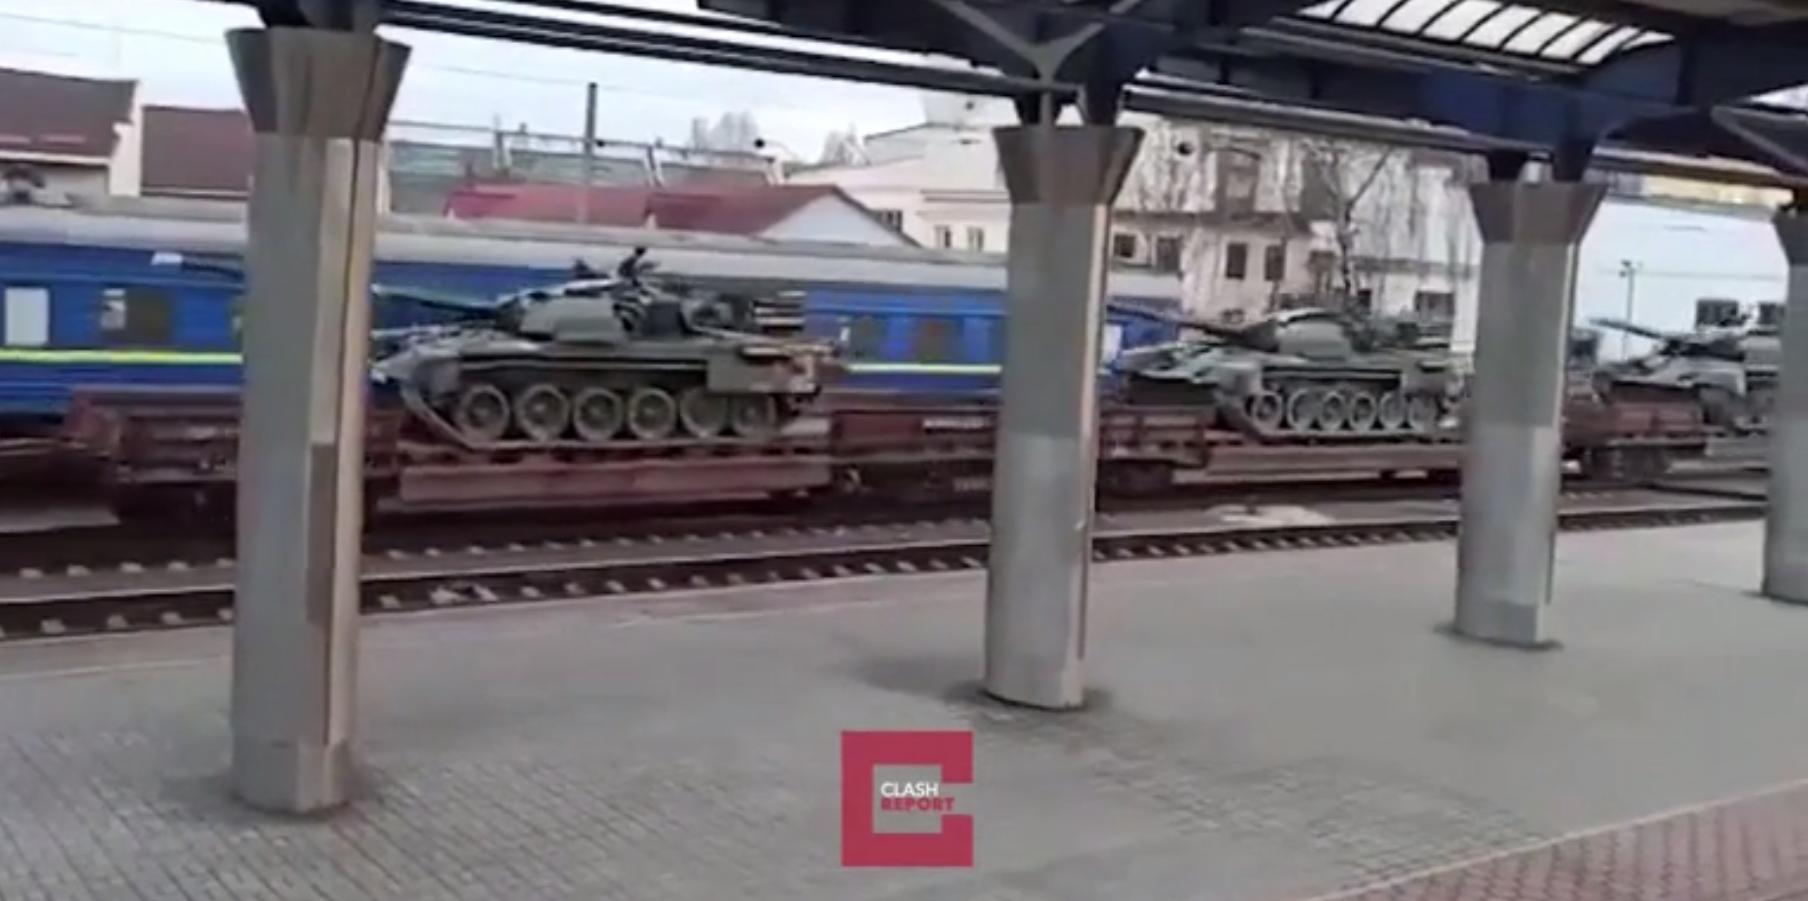 Rusya'dan görülmemiş askeri sevkiyatla savaşa hazırlık! Vagonların ucu bucağı görünmüyor